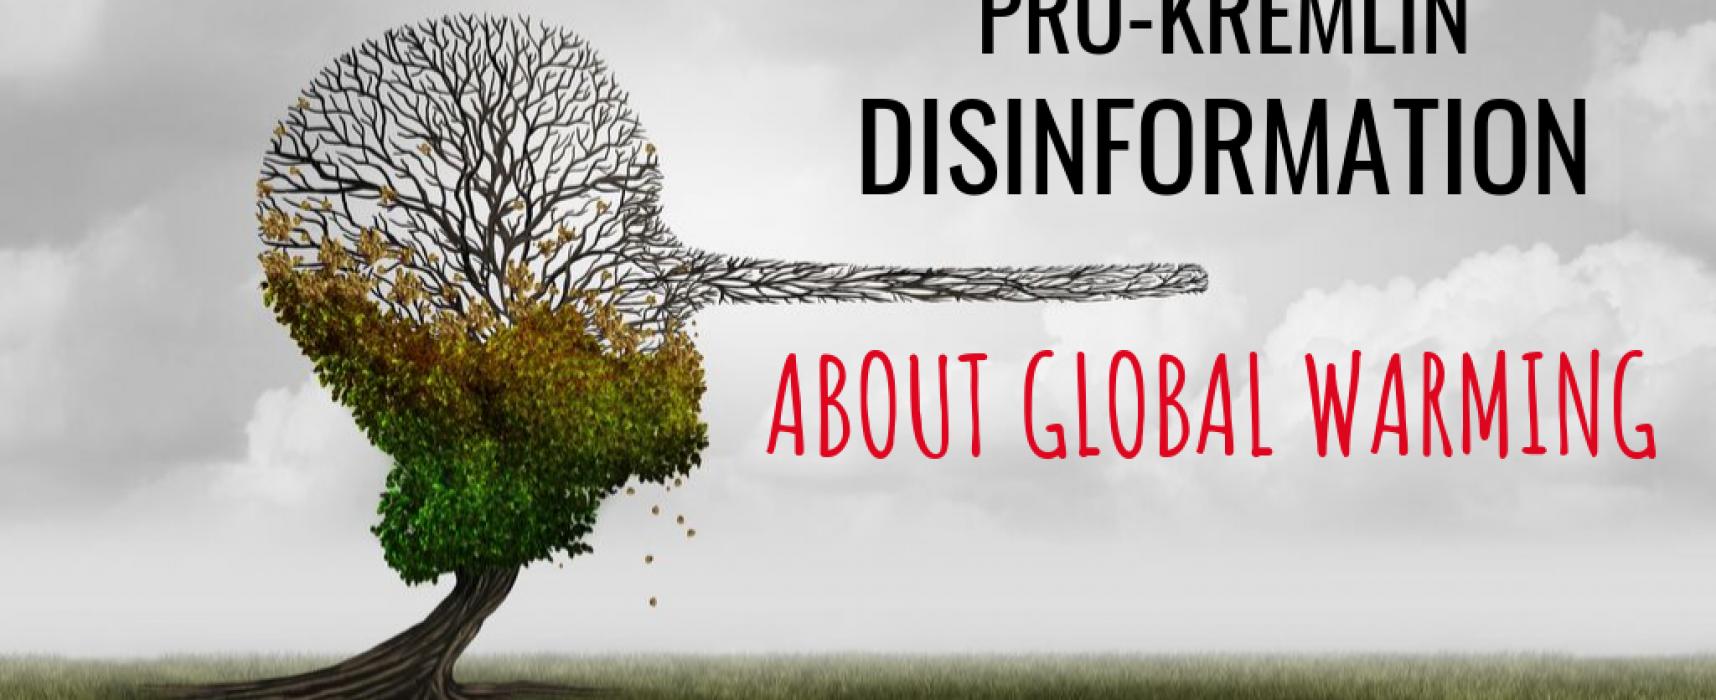 Prokremelská média o globálním oteplování: fakta a narativy